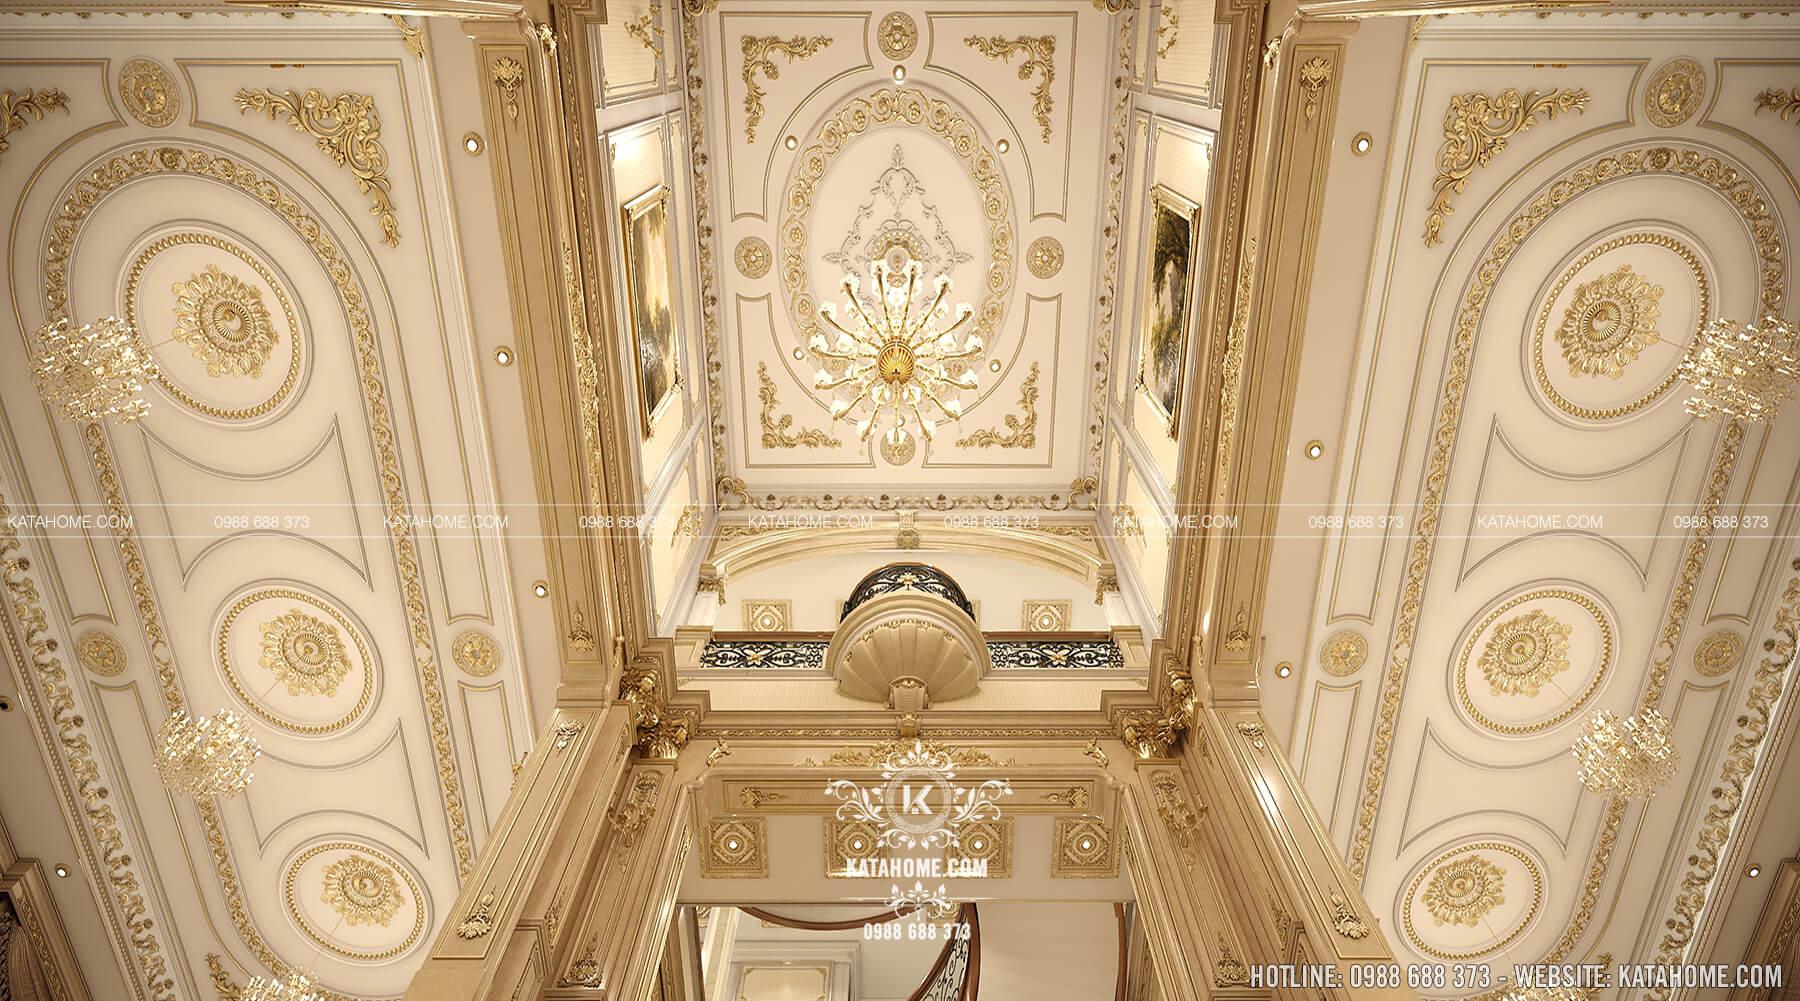 Thiết kế nội thất khoảng thông tầng biệt thự tân cổ điển